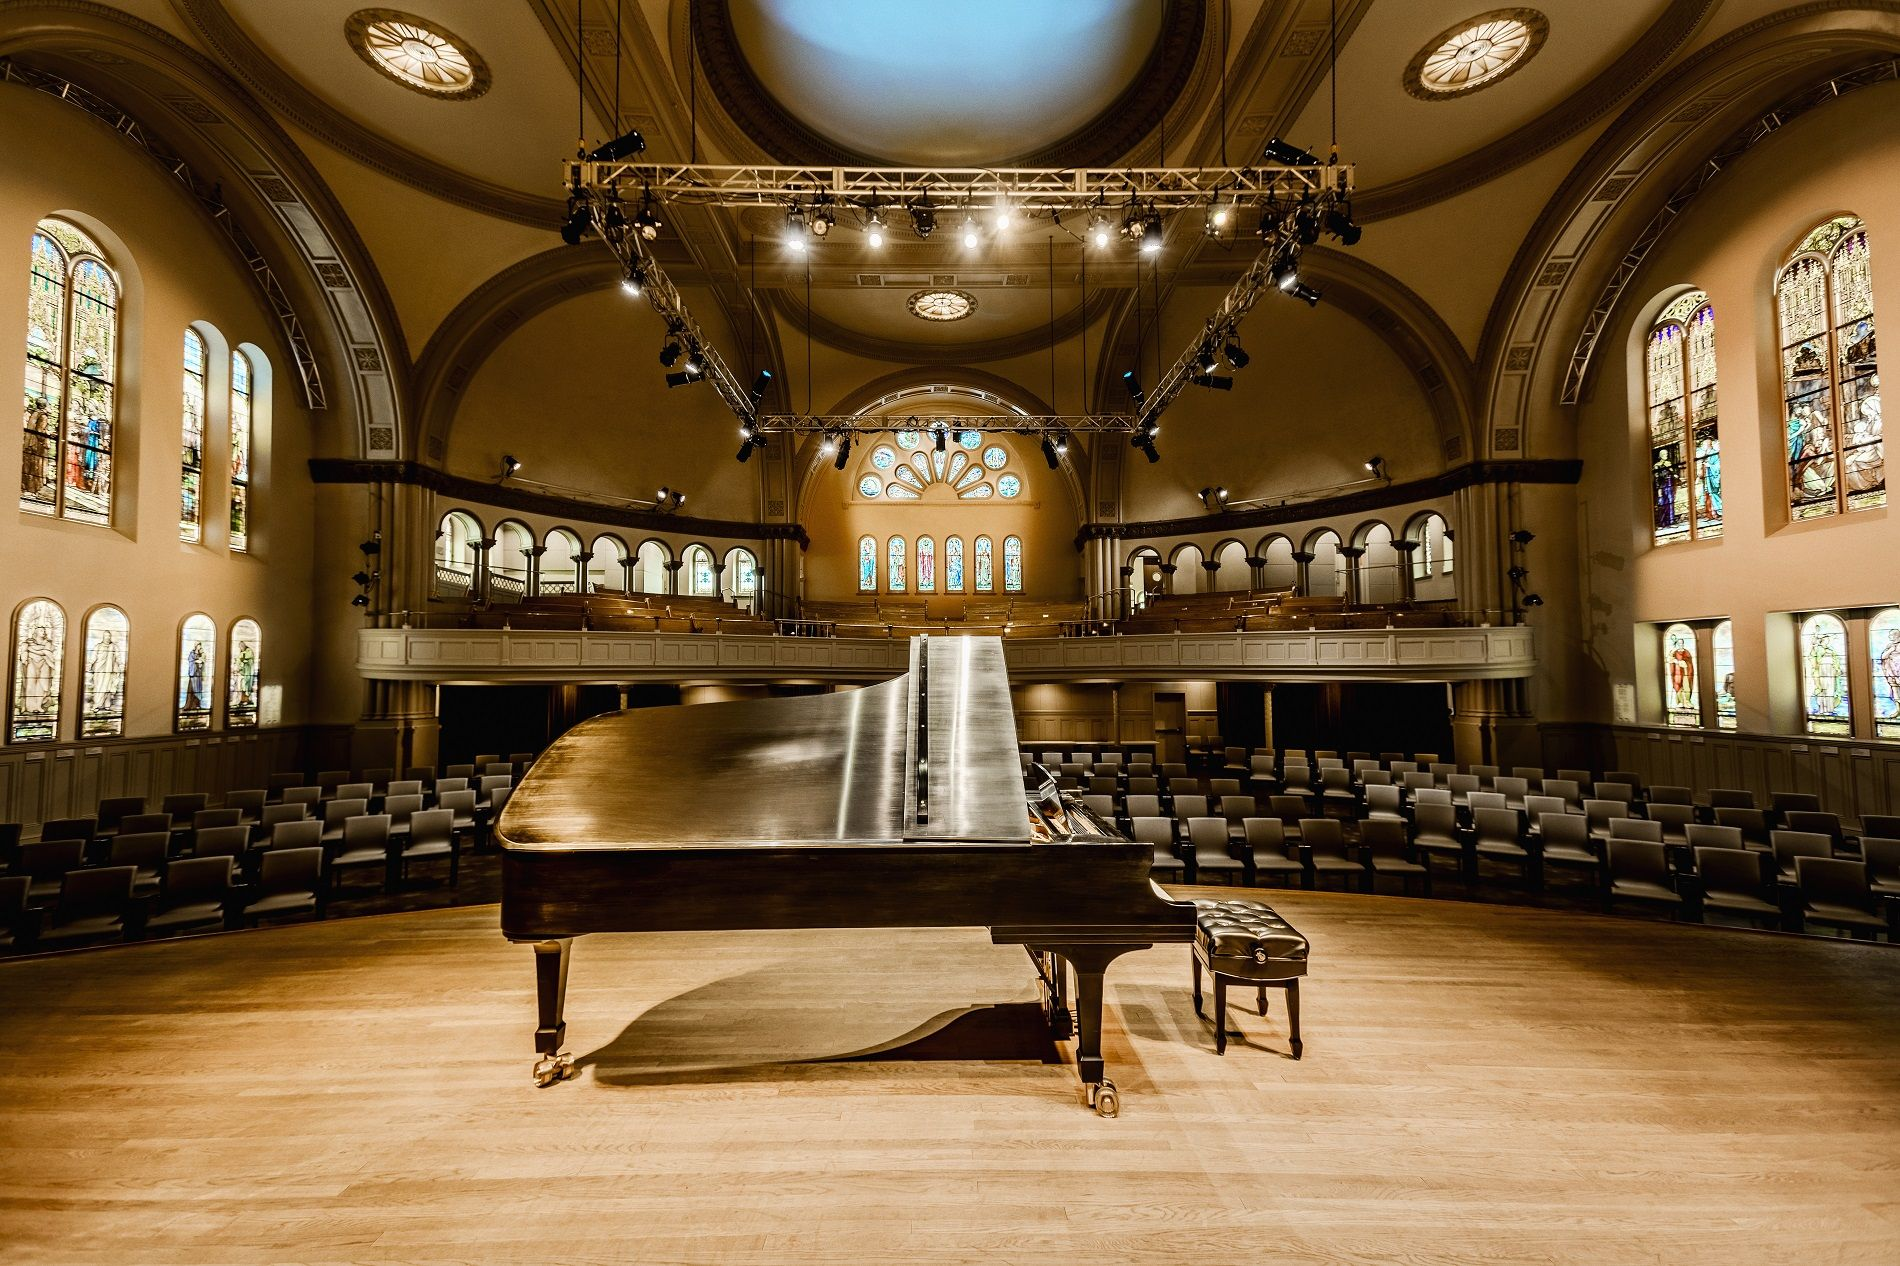 Panorama de l'intérieur de la salle Bourgie. Photo : Julia Marois